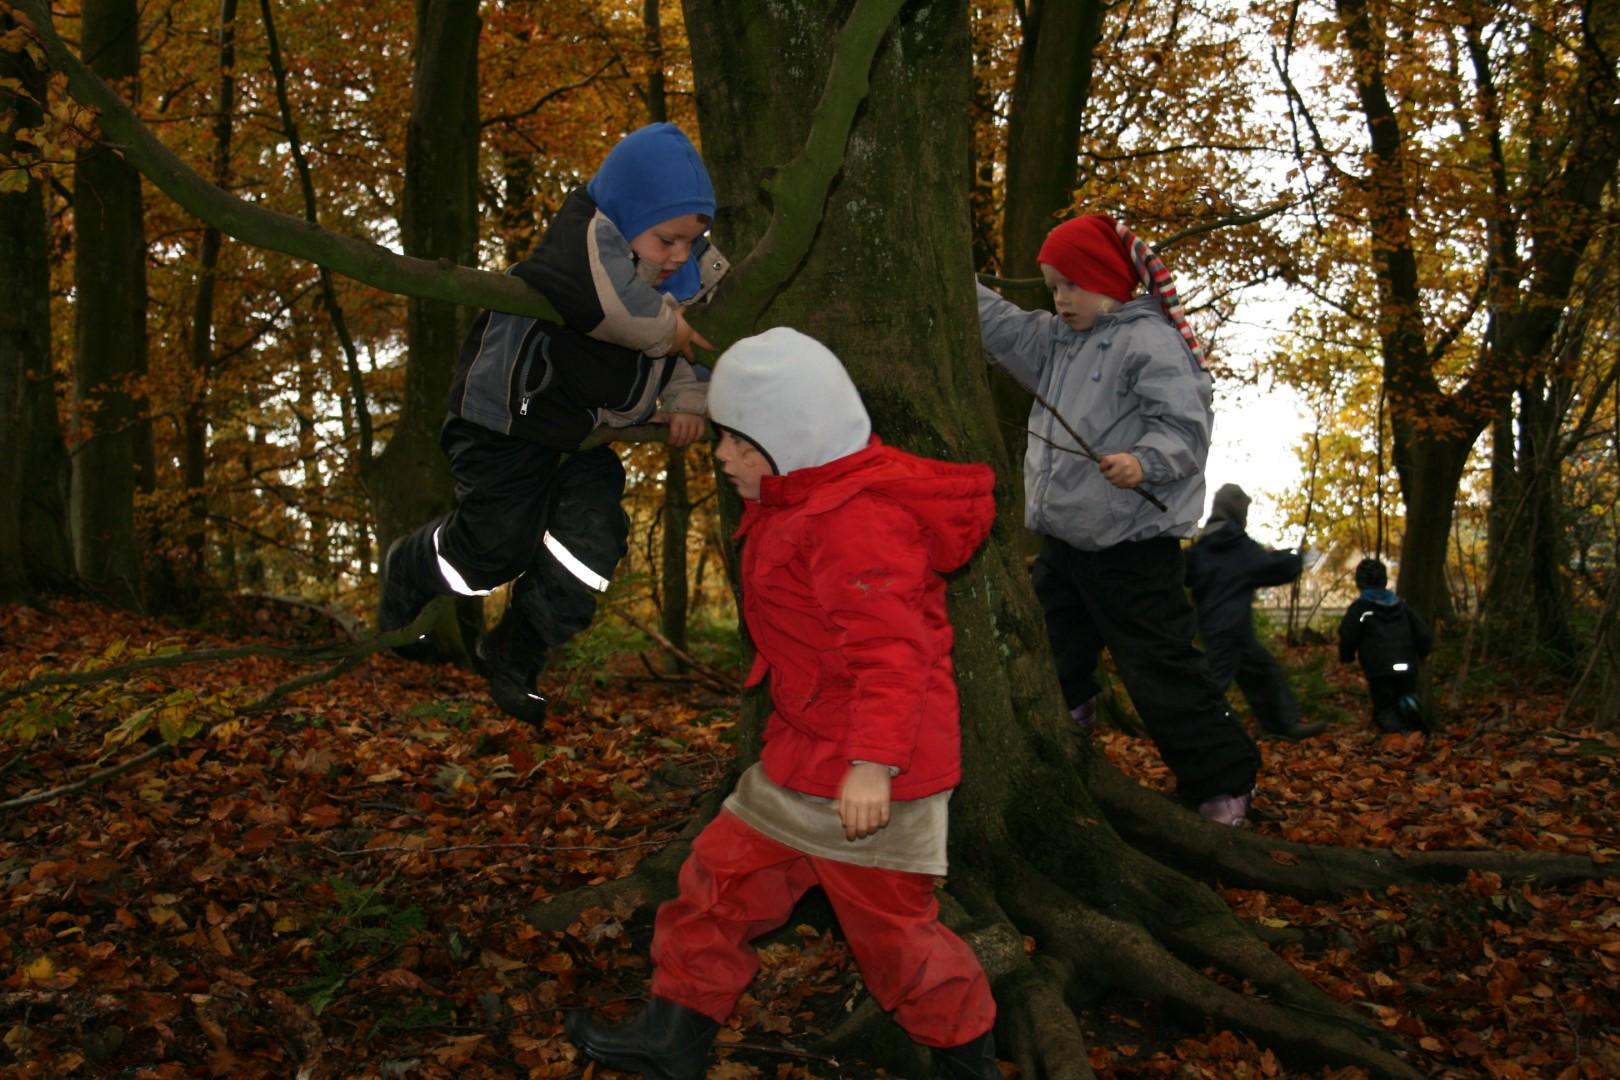 Børn som leger i bladende i skoven